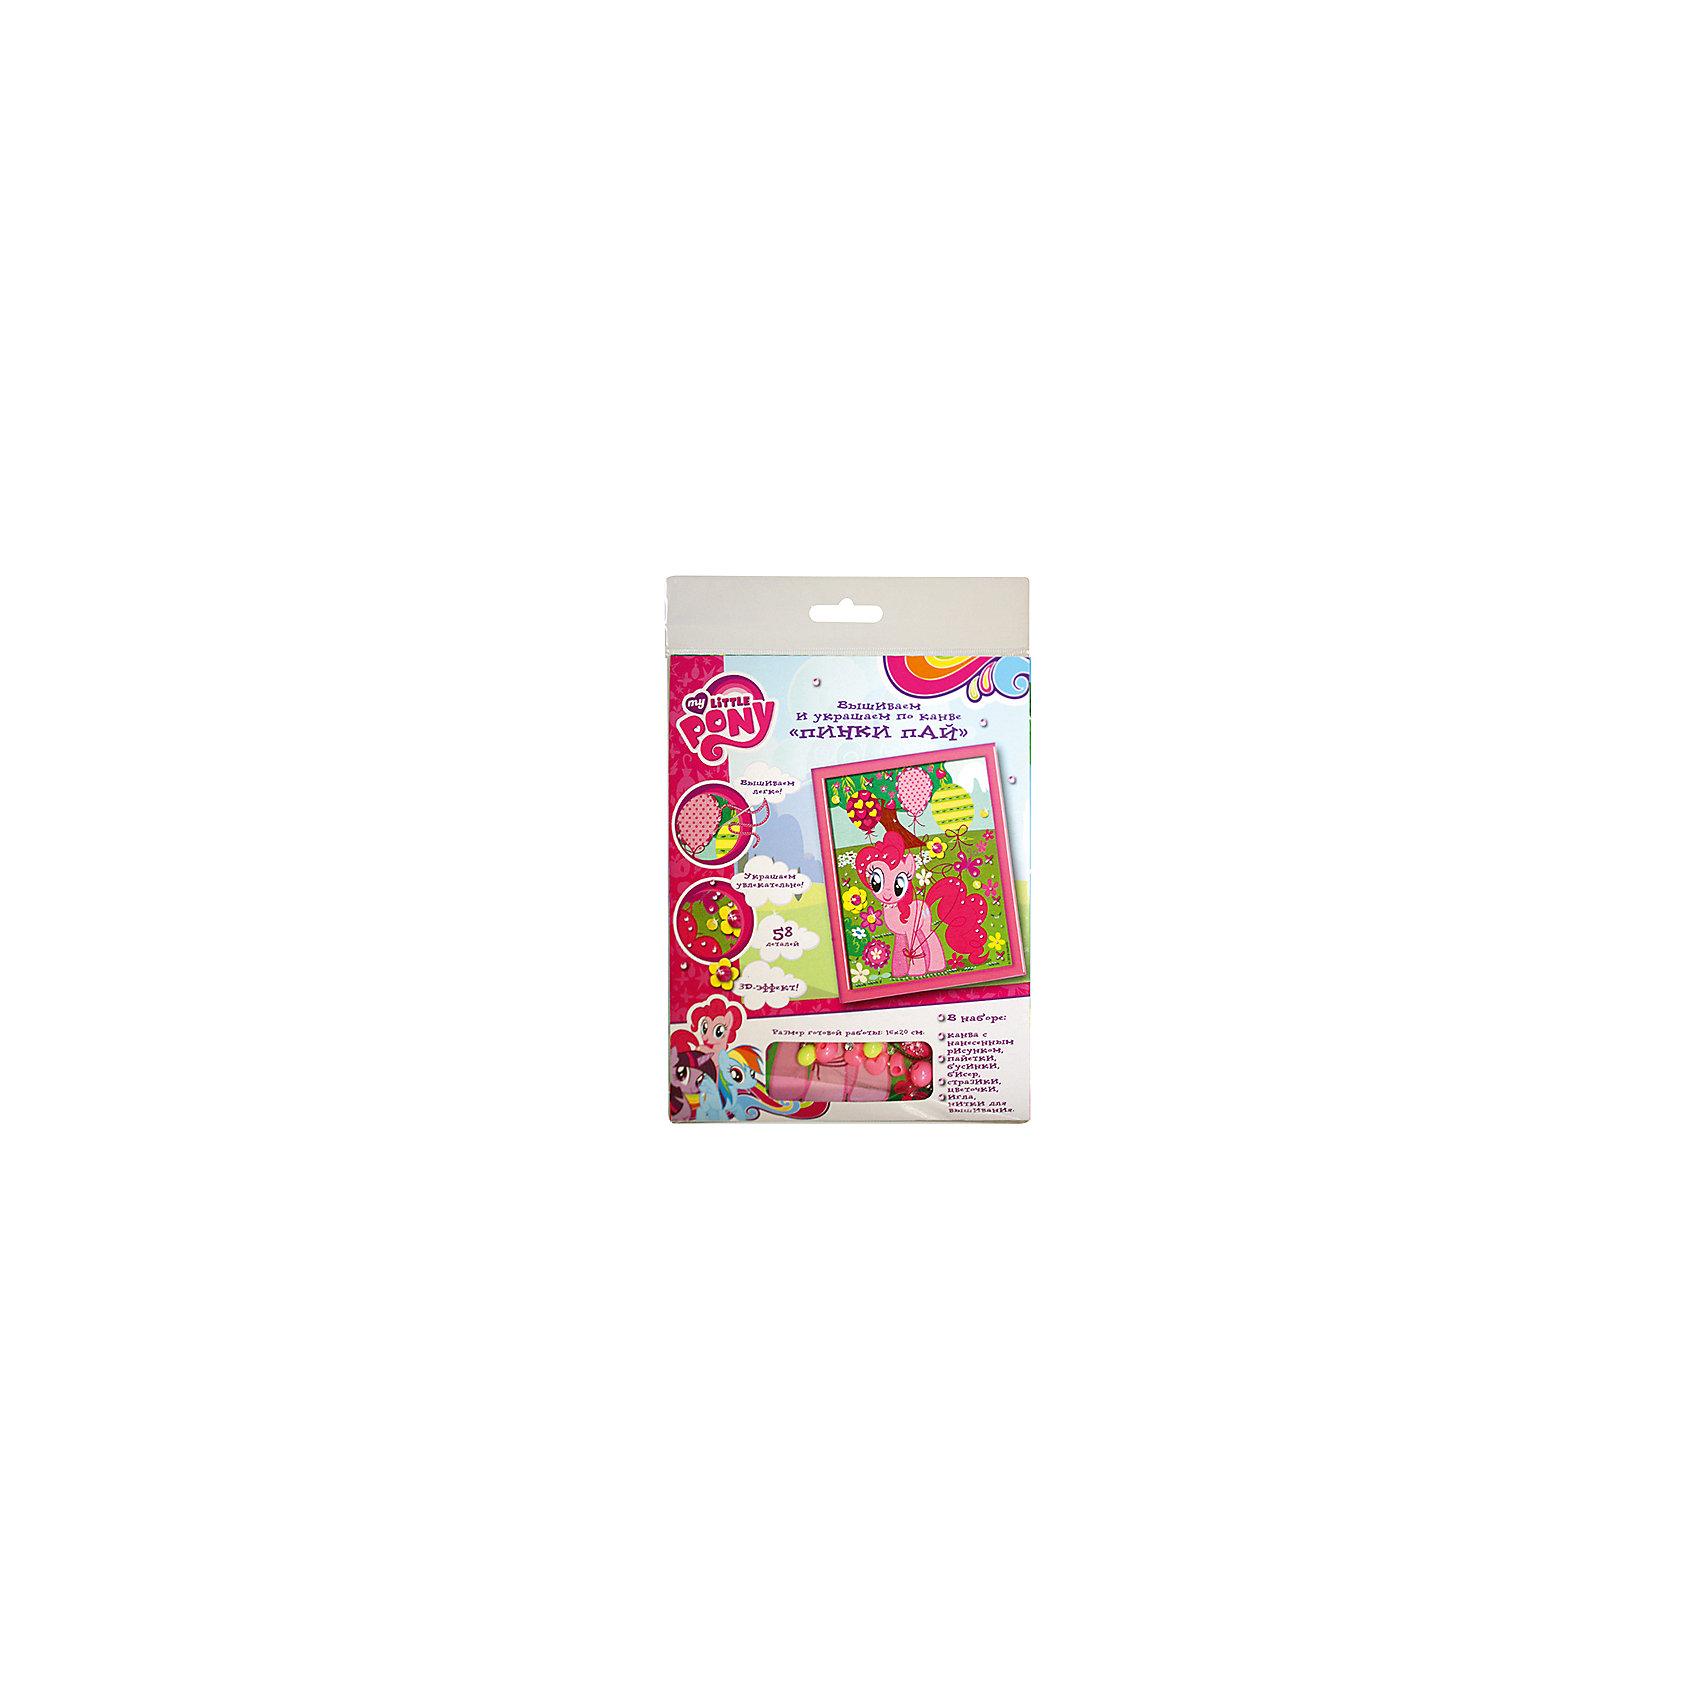 Вышивка и украшение по канве Пинки Пай, MyLittlePonyMy little Pony<br>Характеристики товара:<br><br>• комплектация: текстильная канва с нанесенным рисунком, иголка, нитки, бусинки, стразы, пайетки, тканевые цветы<br>• размер картинки: 16х20 см<br>• упаковка: блистер<br>• возраст: от 7 лет<br>• состав: пластик, текстиль<br>• страна бренда: Россия<br>• страна изготовитель: Китай<br><br>Для создания прекрасной поделки с 3D-эффектом нужно вышить шарик розовыми нитками, а травку - зелеными. Затем следует пришить цветочки, бусинки, пайетки и приклеить блестящие стразы.<br><br>В наборе для вышивания и украшения по канве Пинки Пай ТМ Мой маленький пони: текстильная канва с нанесенным рисунком (16х20 см), иголка, нитки, бусинки, стразы, пайетки, тканевые цветы.<br><br>Вышивка и украшение по канве Пинки Пай, MyLittlePony, вы можете приобрести в нашем интернет-магазине.<br><br>Ширина мм: 200<br>Глубина мм: 160<br>Высота мм: 10<br>Вес г: 50<br>Возраст от месяцев: 84<br>Возраст до месяцев: 2147483647<br>Пол: Женский<br>Возраст: Детский<br>SKU: 5453375